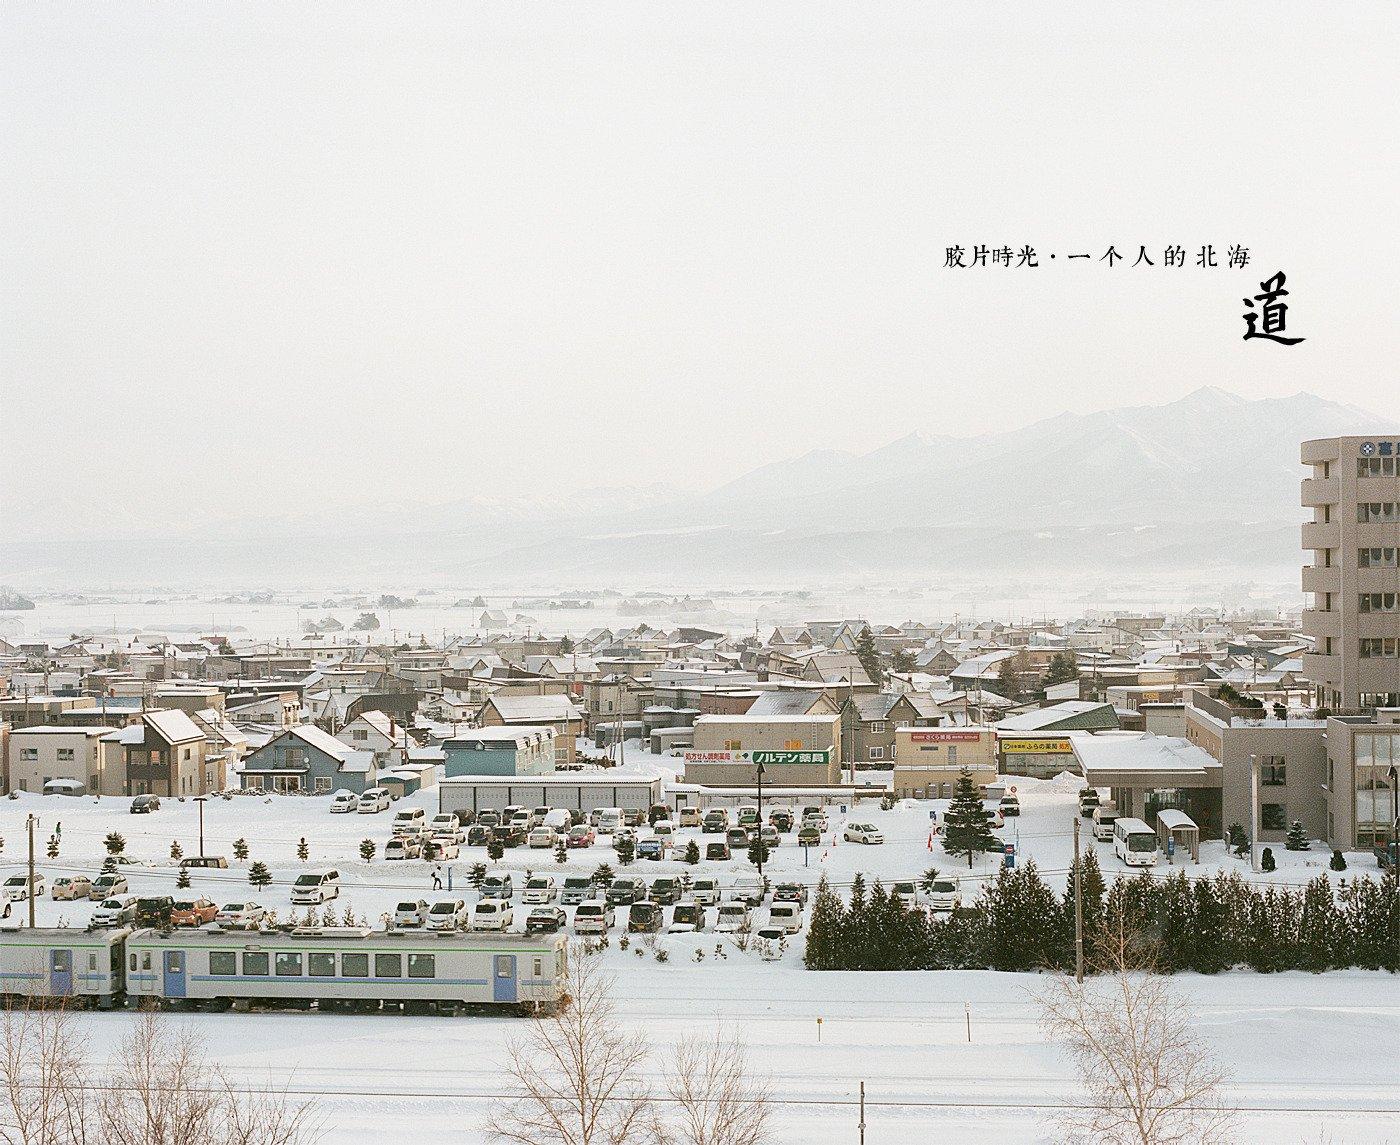 北海道暖的雪,独行胶卷计划